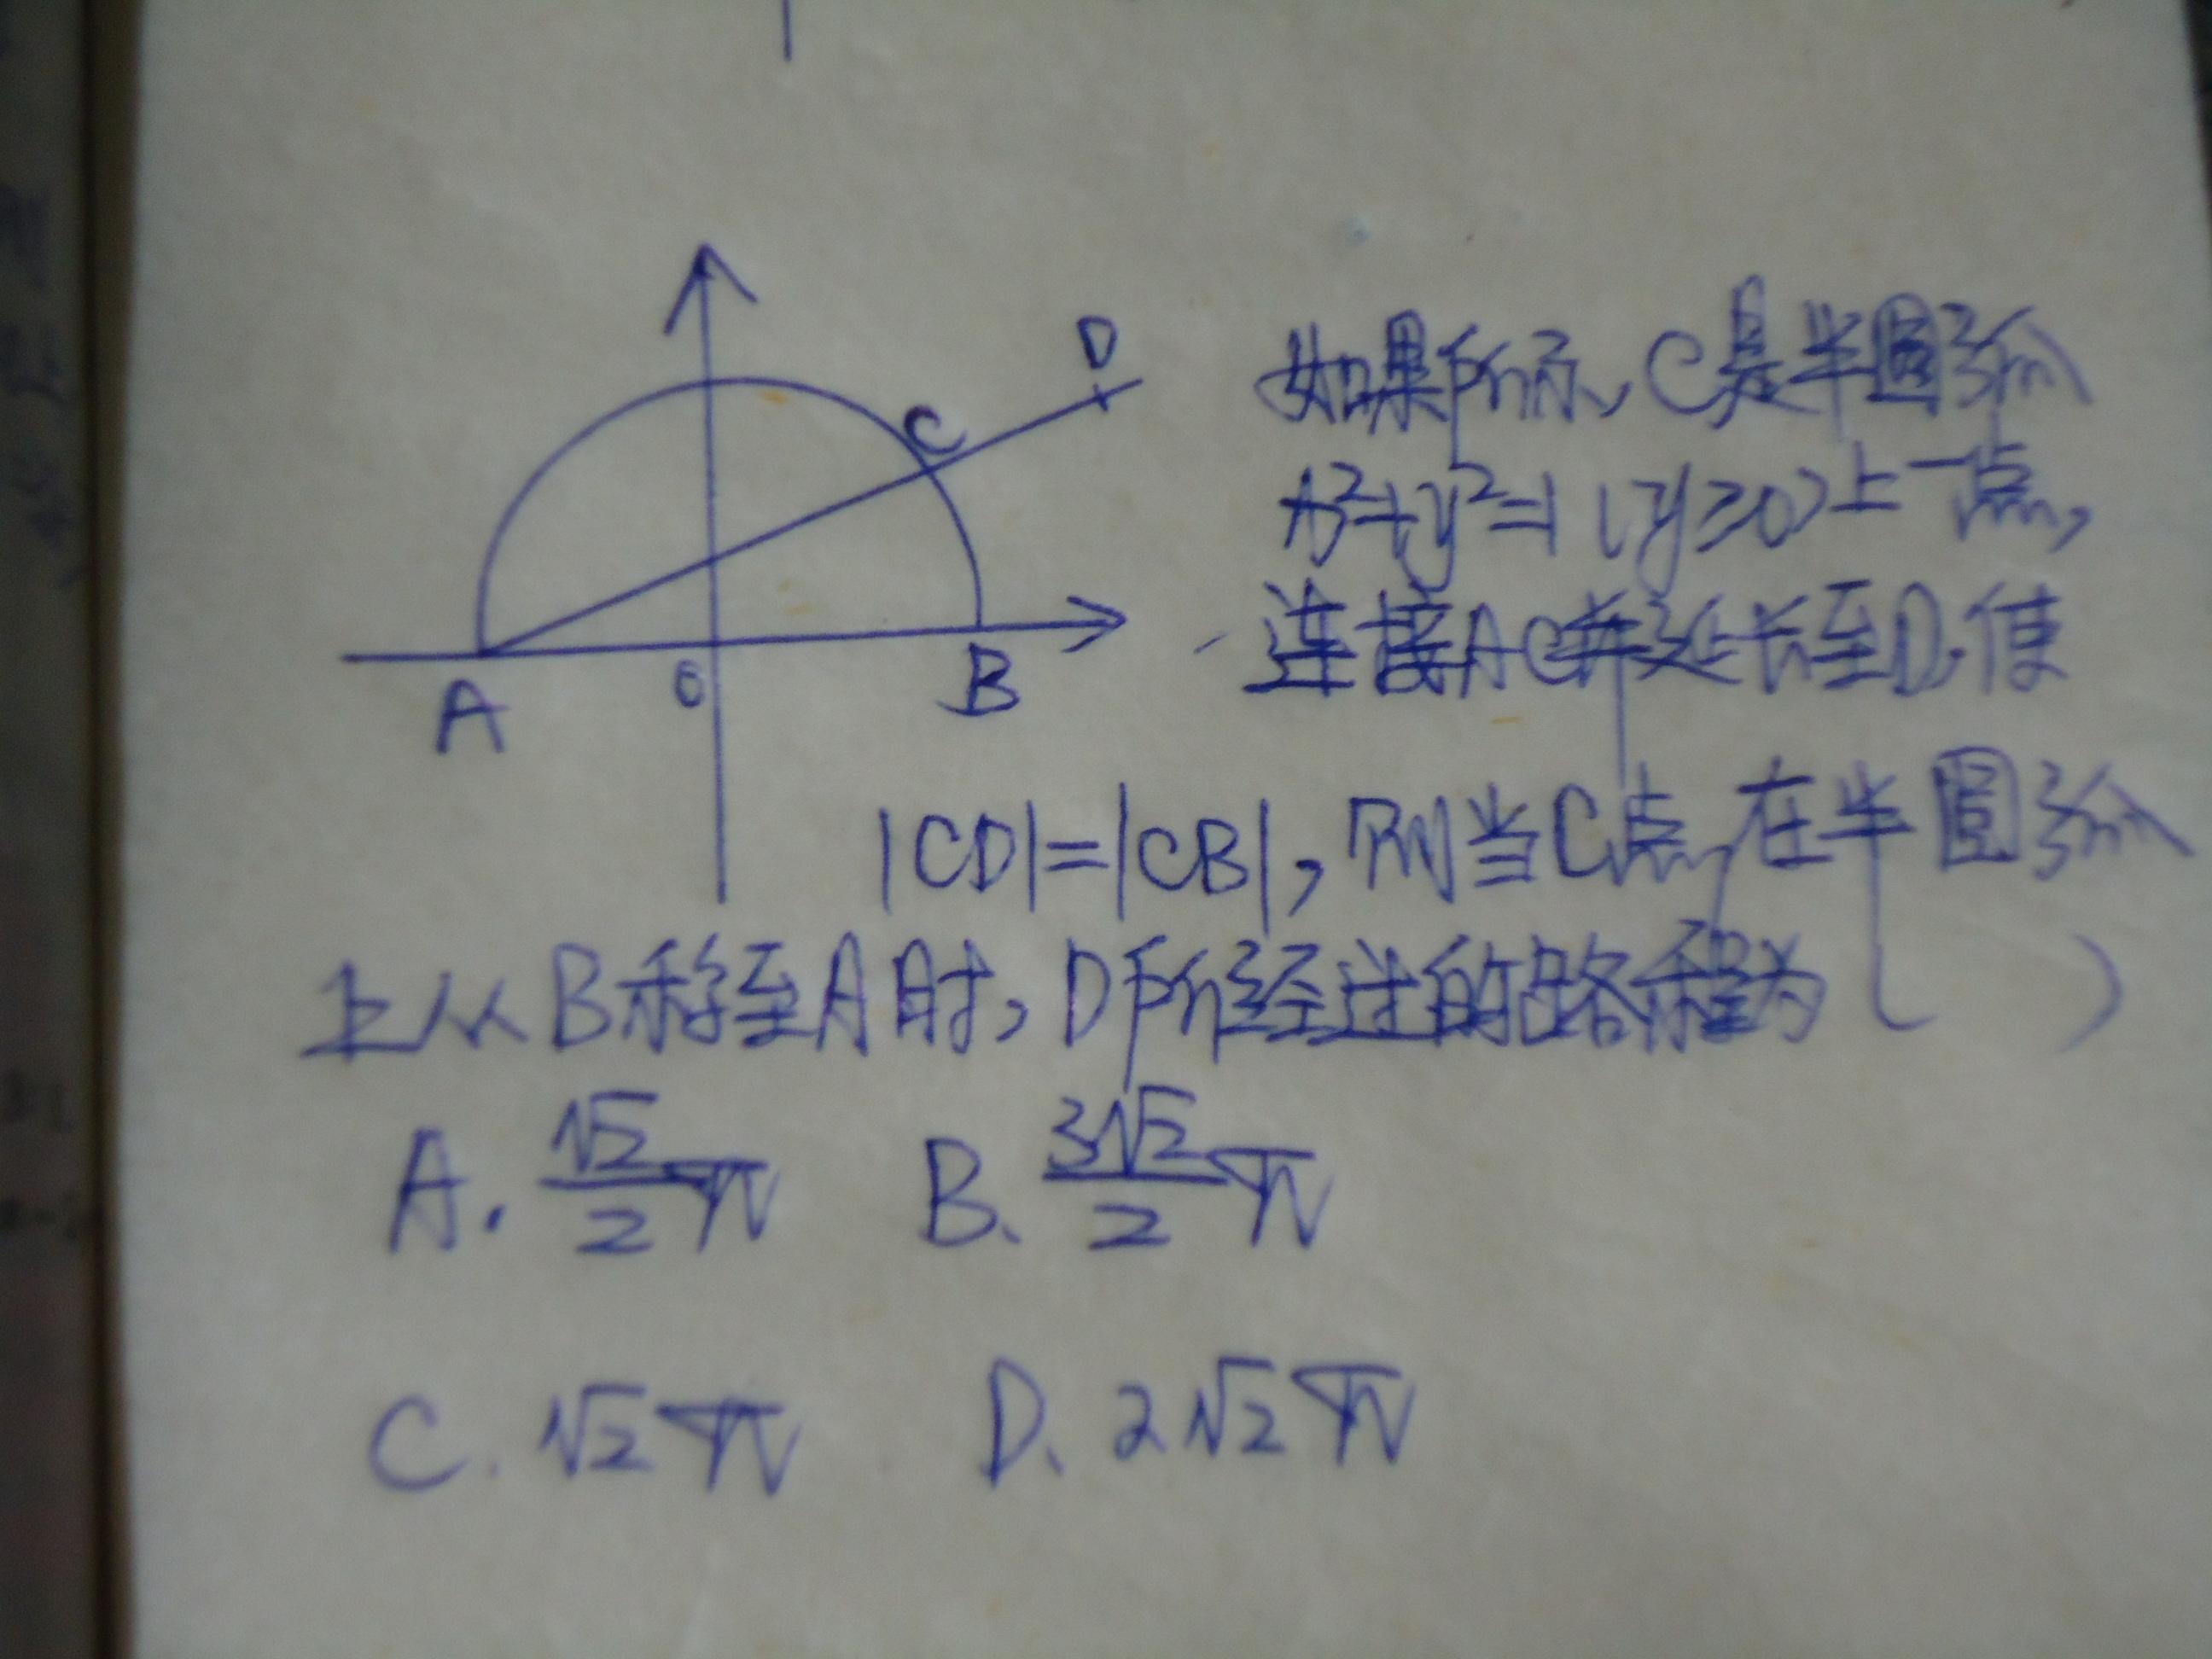 用方程解决问题的步骤